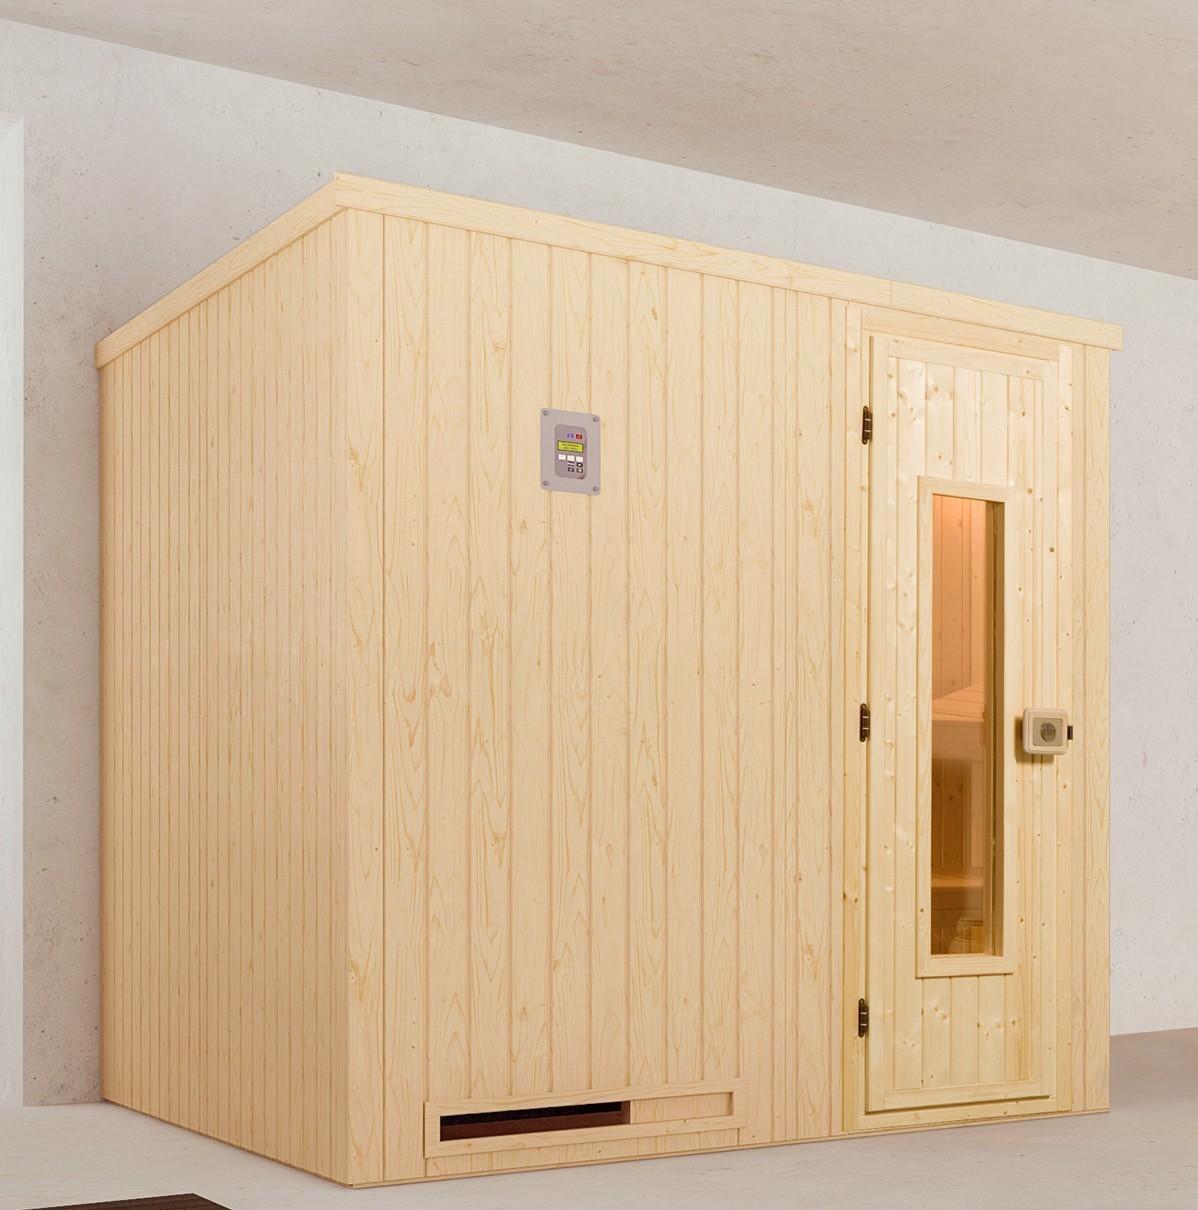 Weka Sauna Halmstad 2 68mm ohne Saunaofen mit Holztür Bild 1